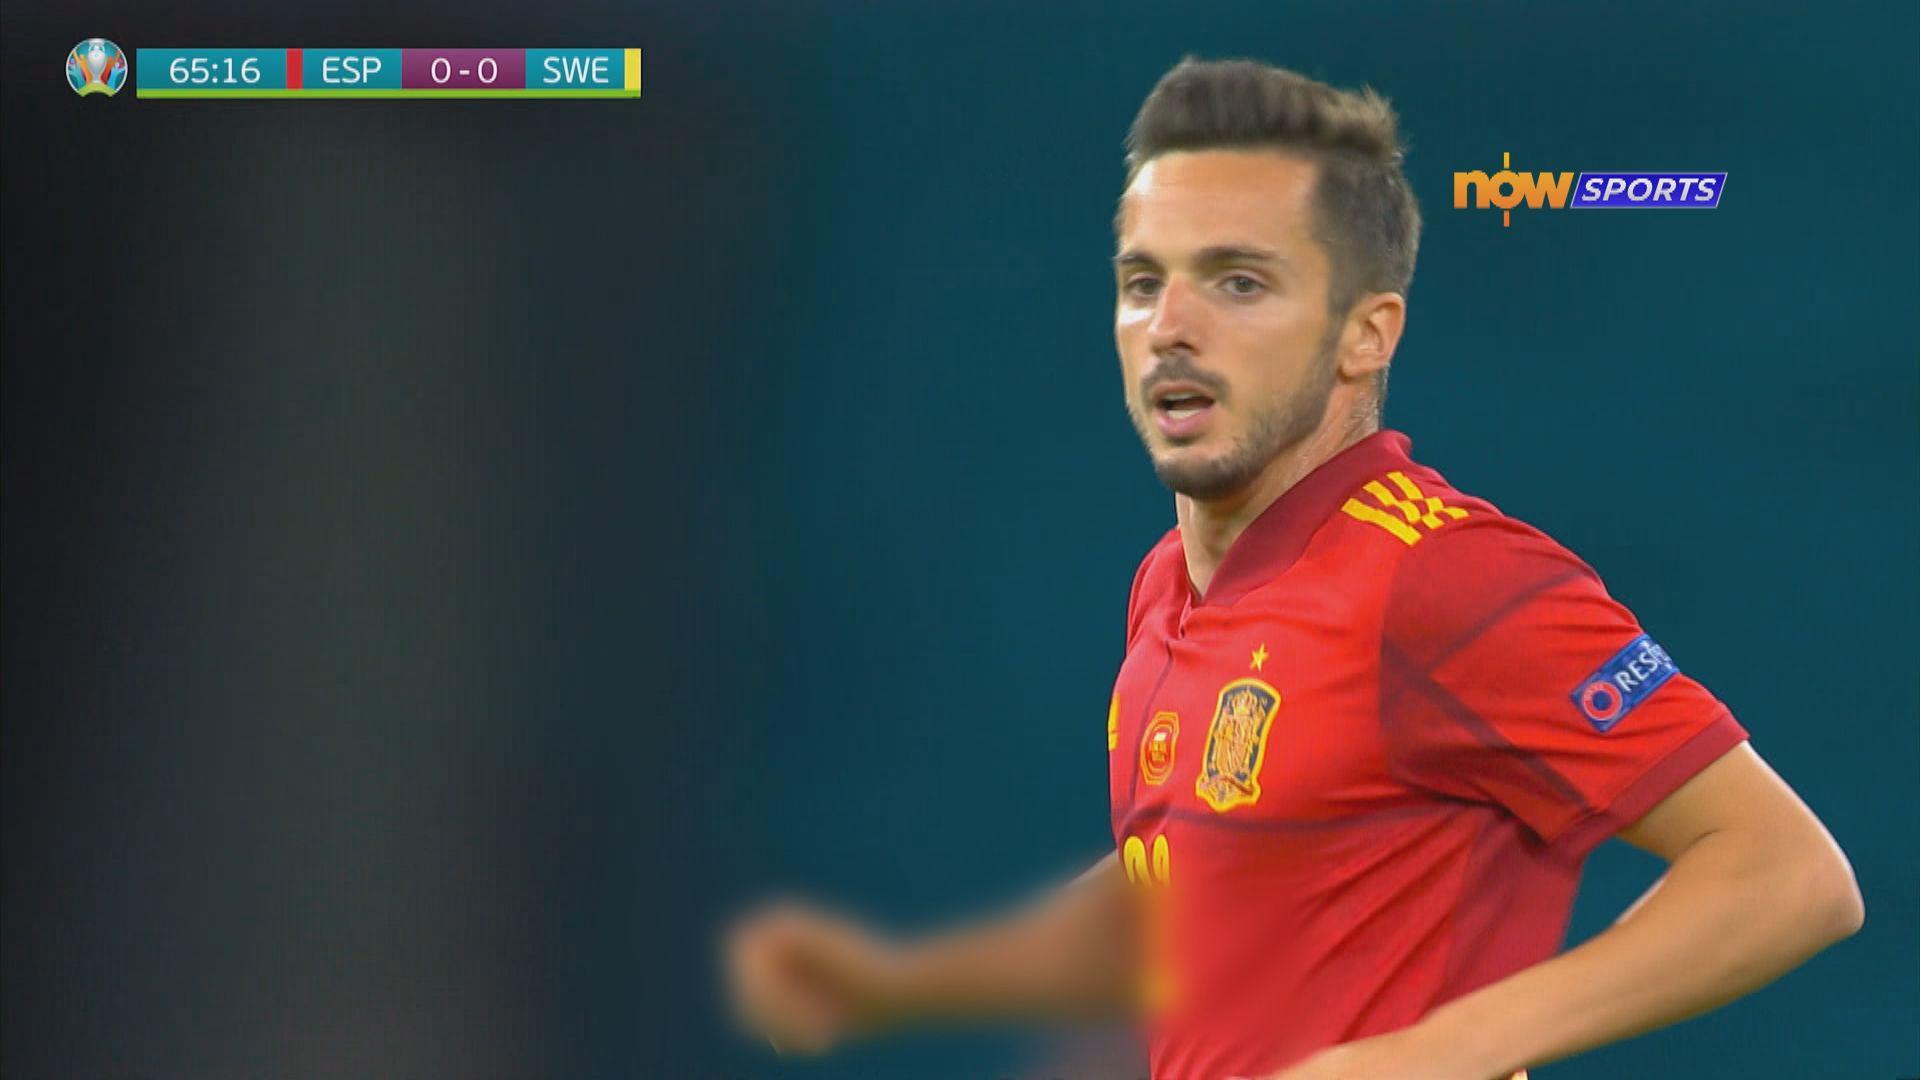 歐國盃 西班牙0:0瑞典